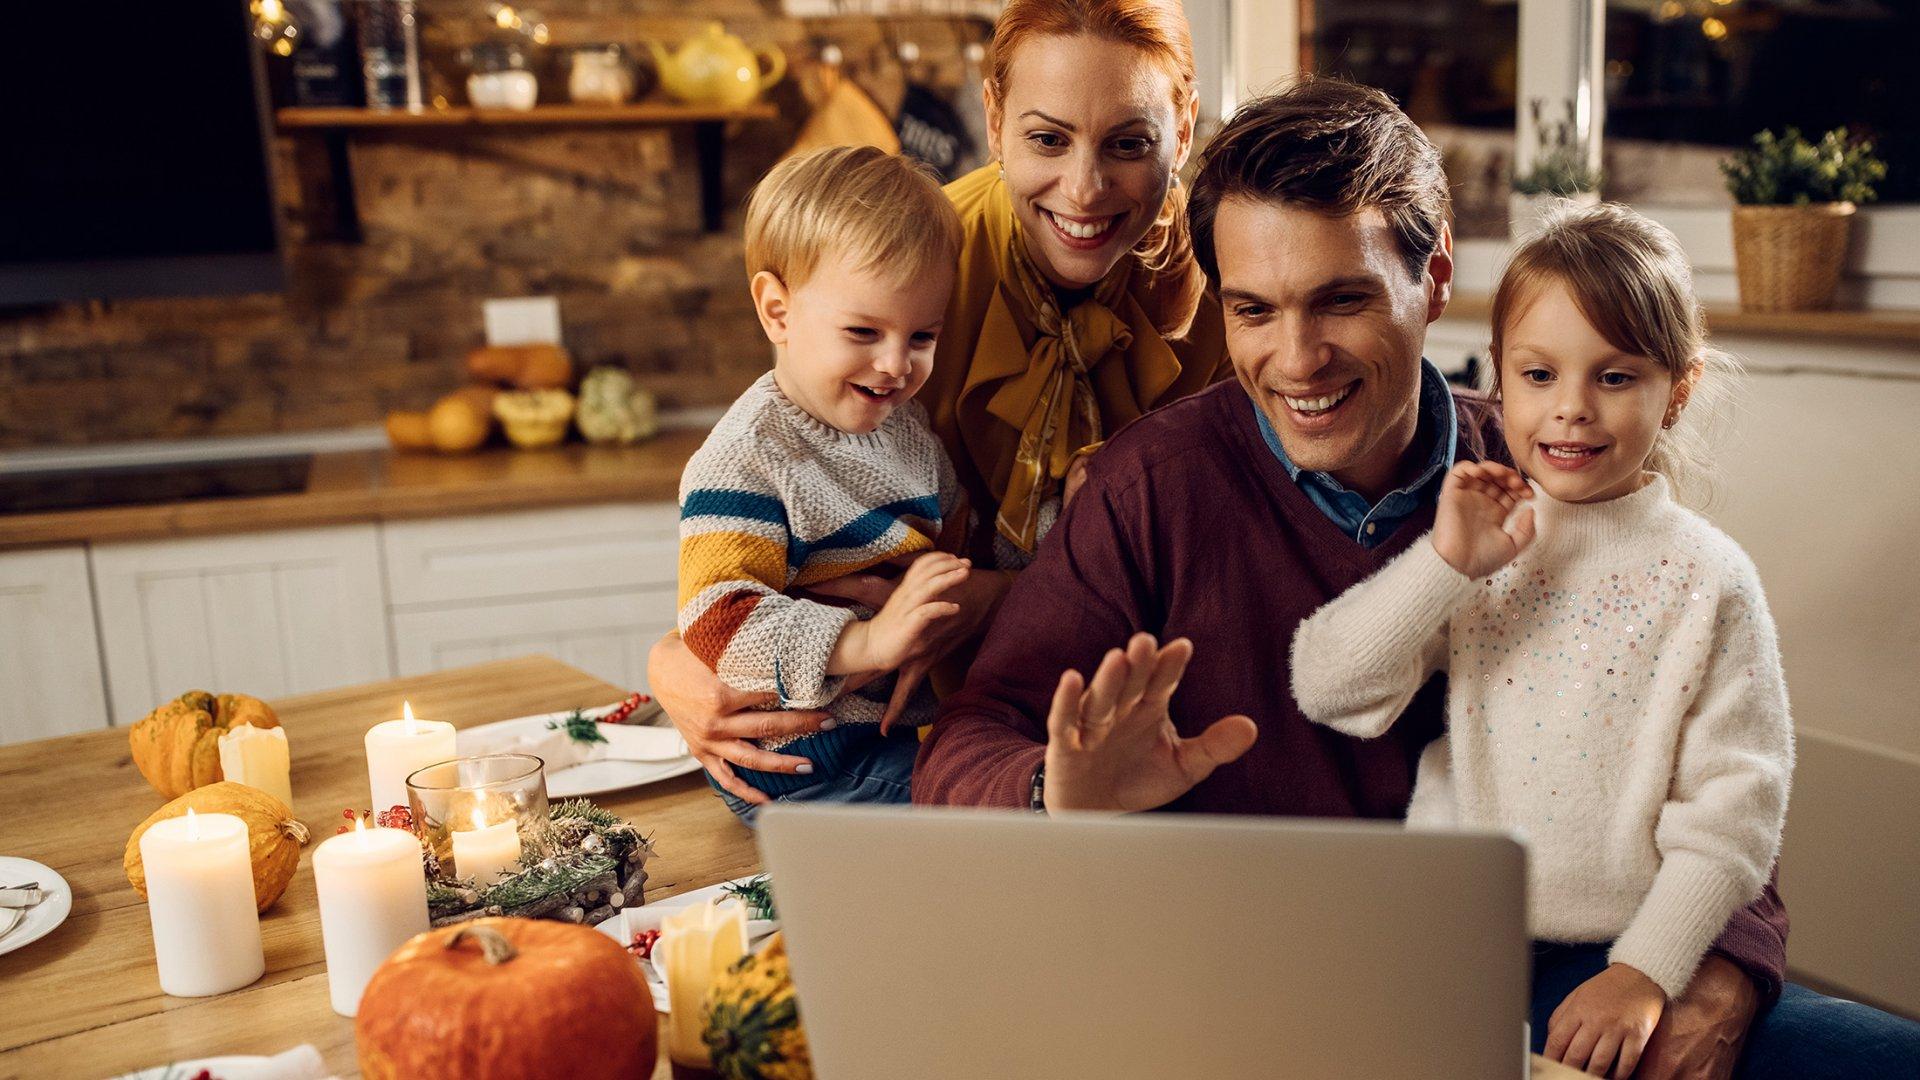 10 Ideas to Make Your Virtual Thanksgiving Actually Feel Festive